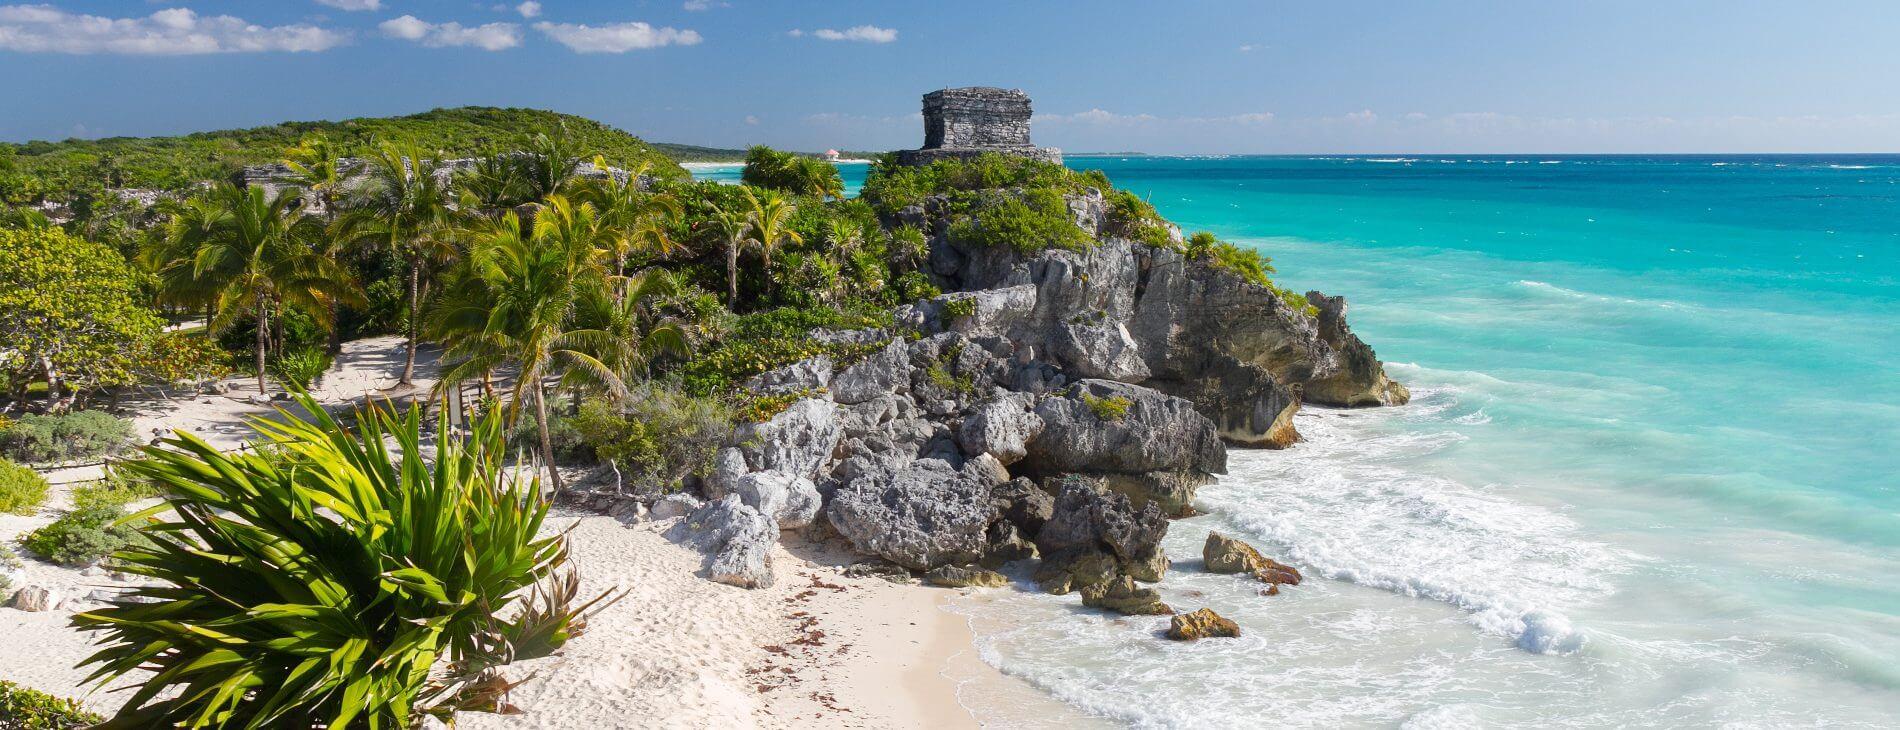 Mastroviaggiatore messico-diving-maya-tulum